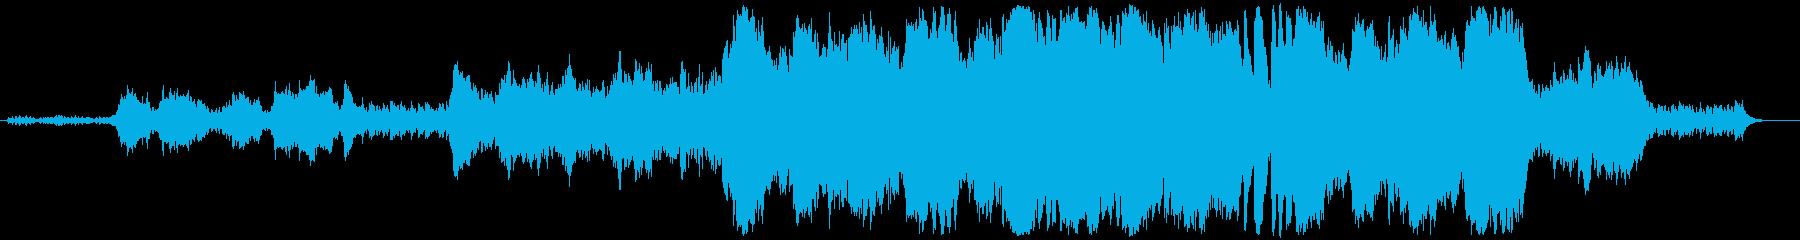 緊迫感のあるフルオーケストラBGMの再生済みの波形